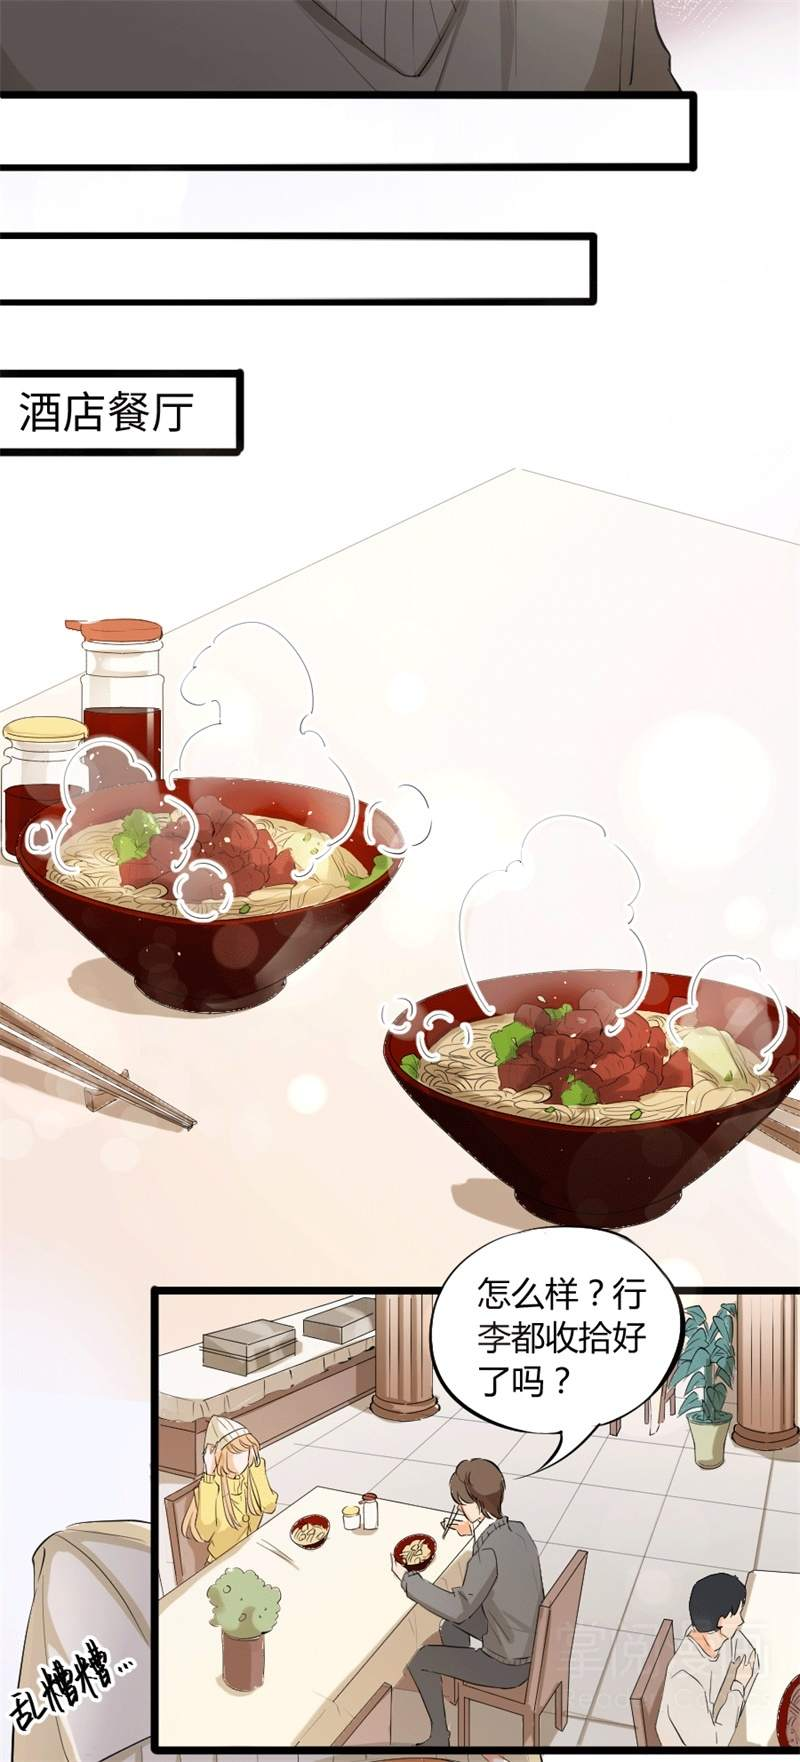 恩将求抱第27话  柚子茶VS热汤面 第 11